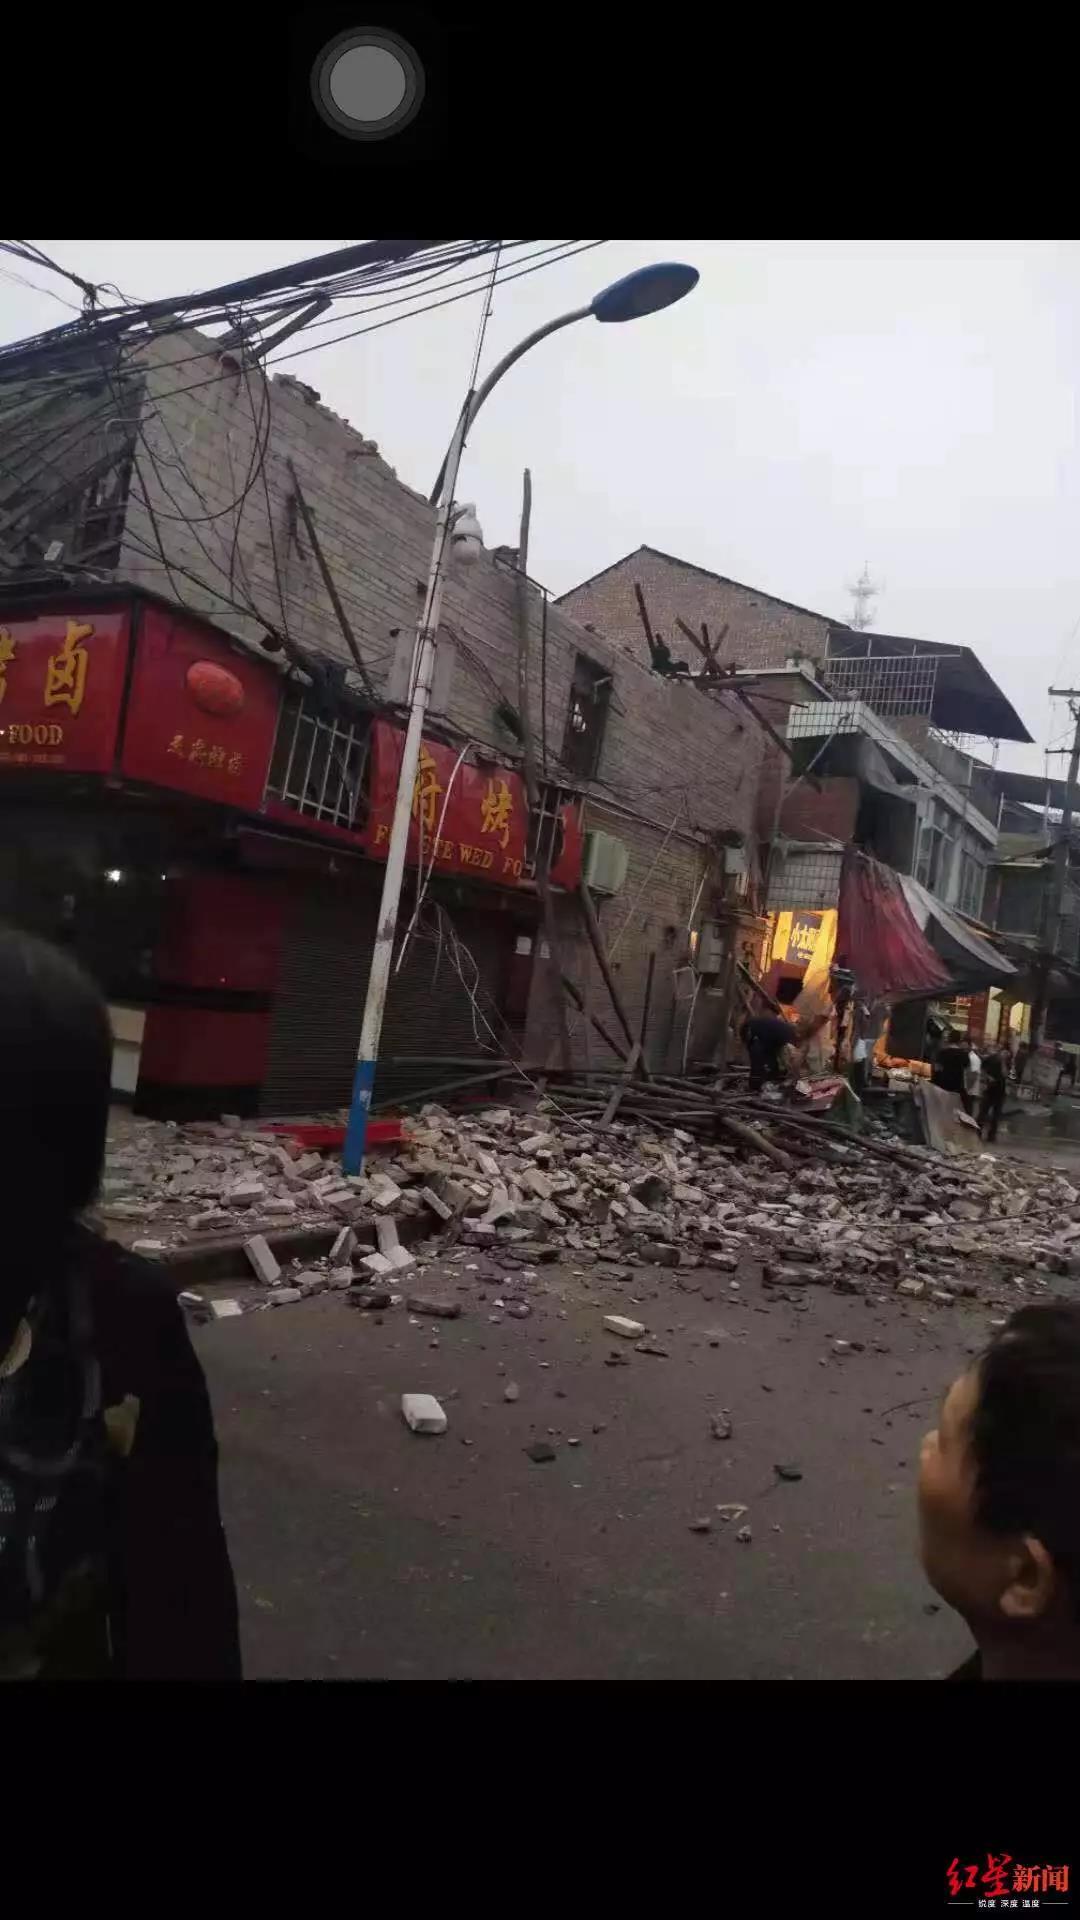 四川內江威遠發生5.4級地震,已致28人受傷